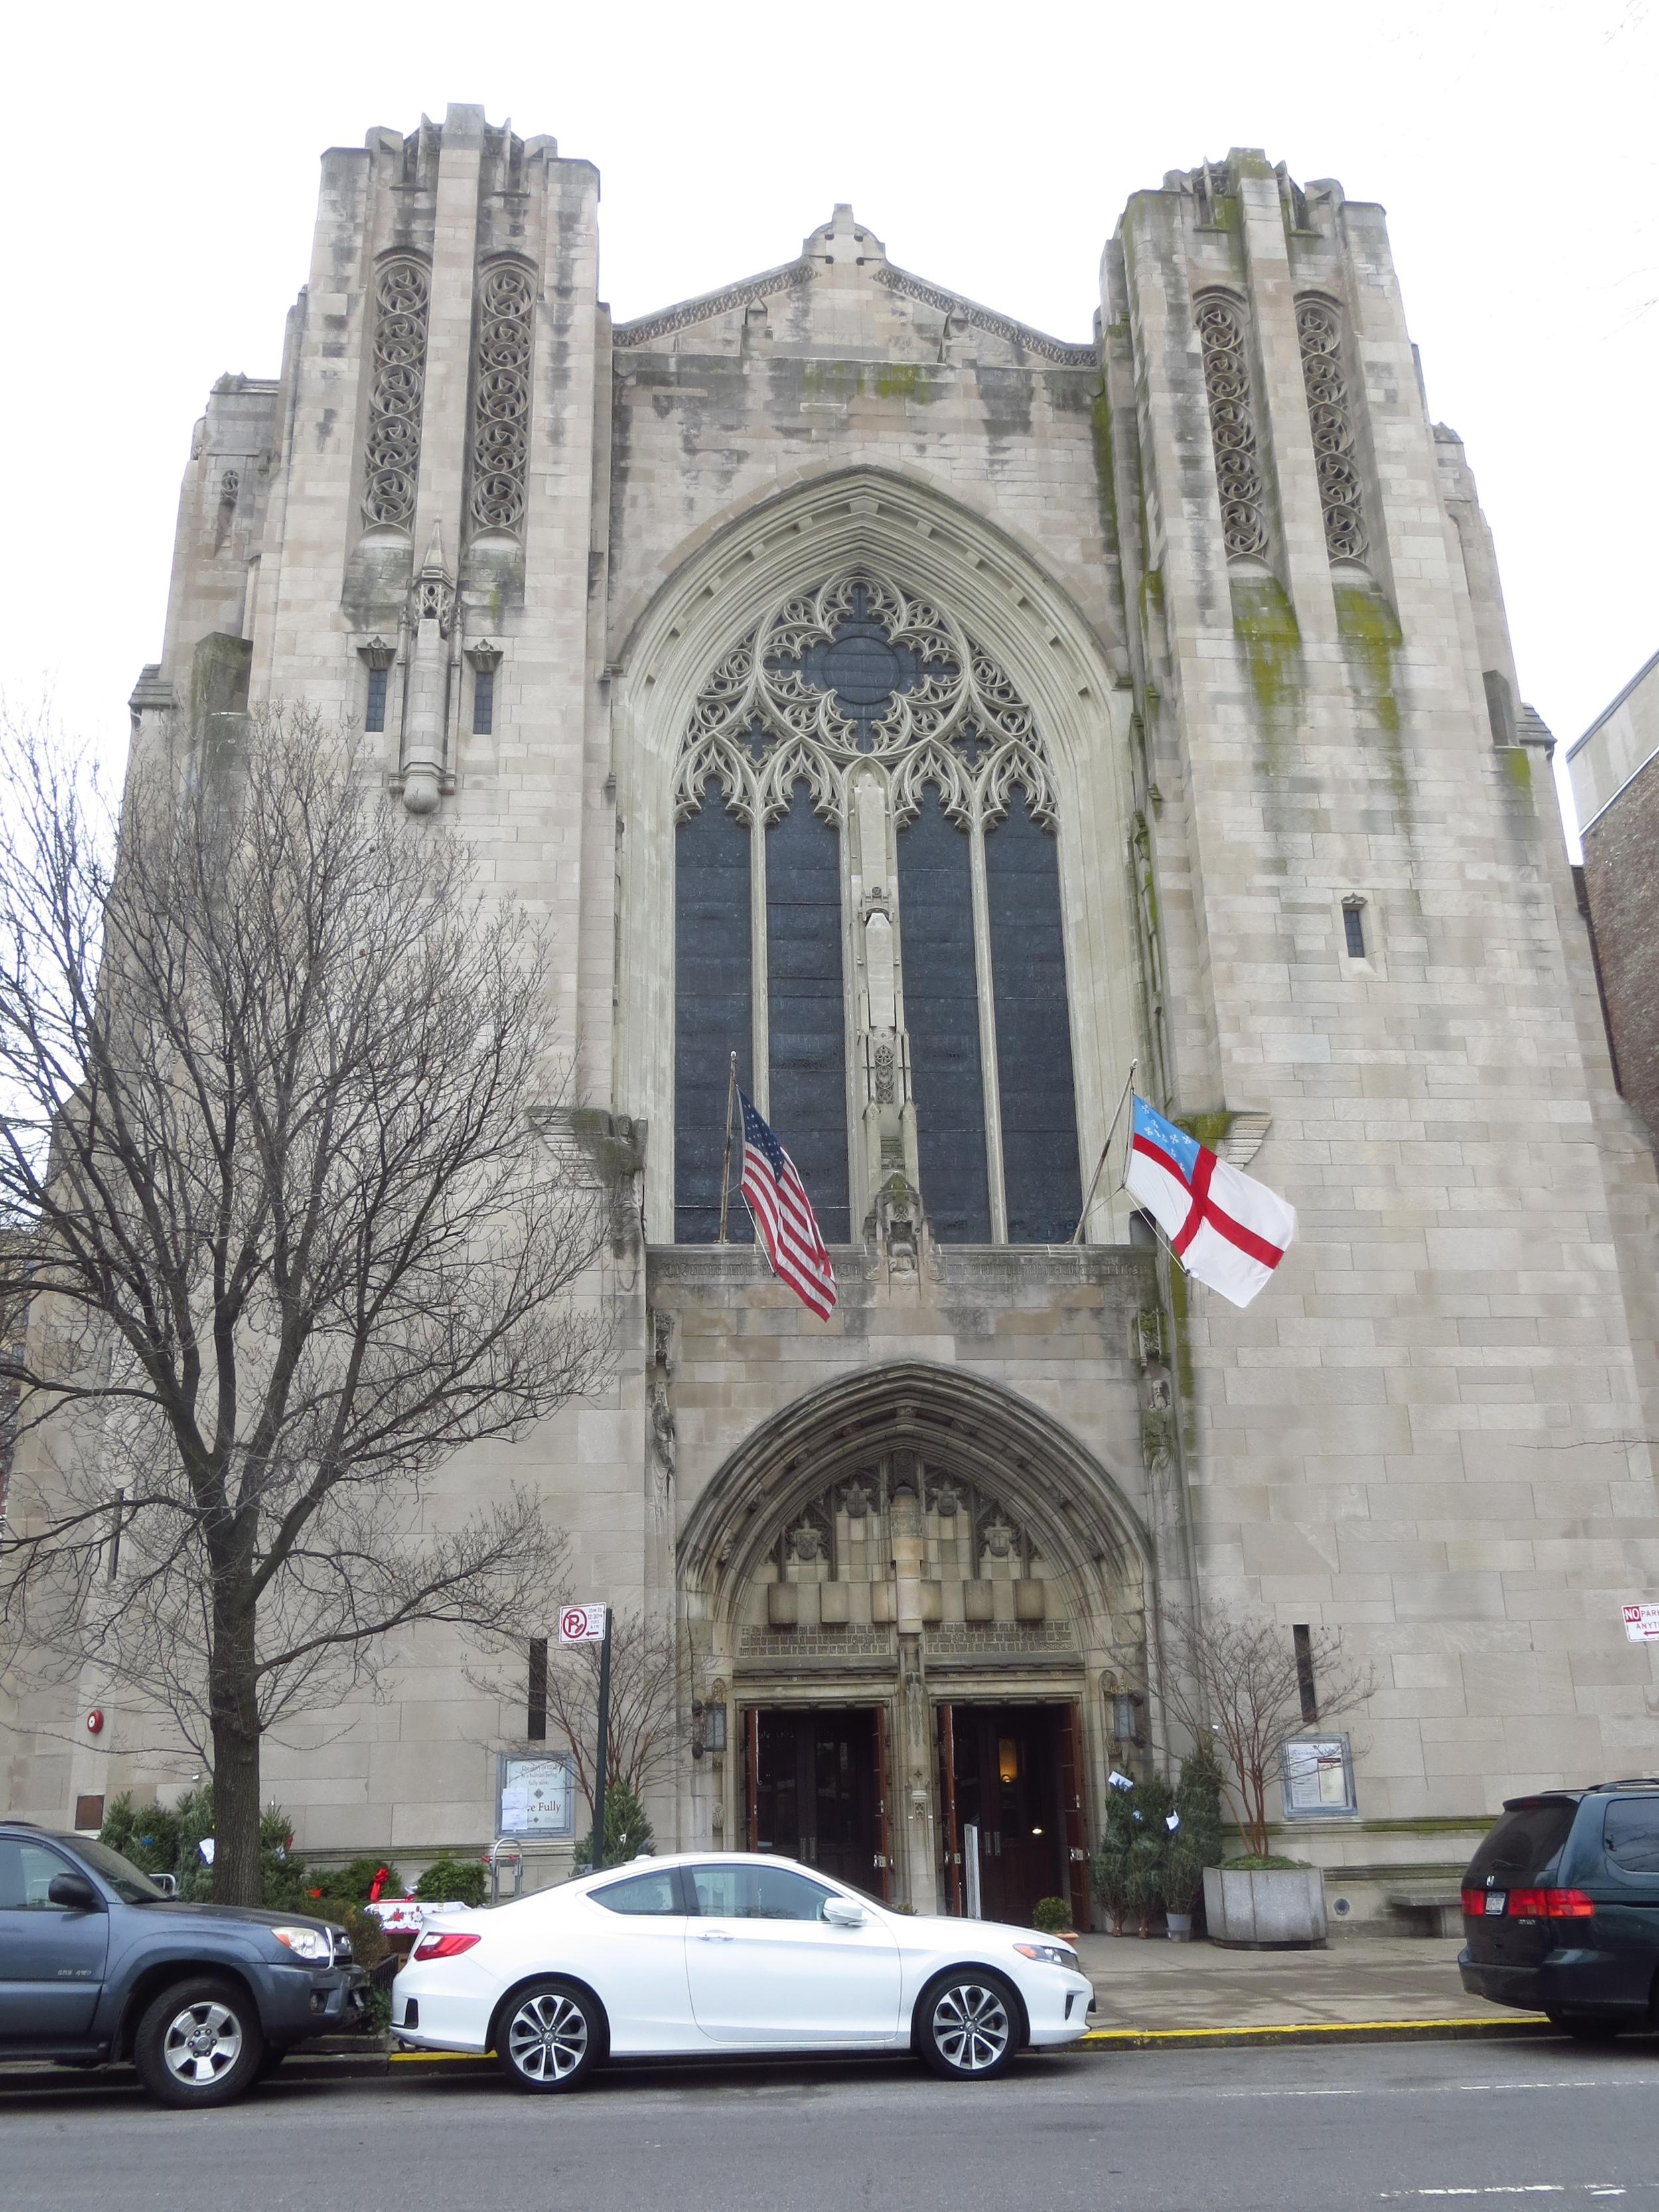 5th Ave. Church